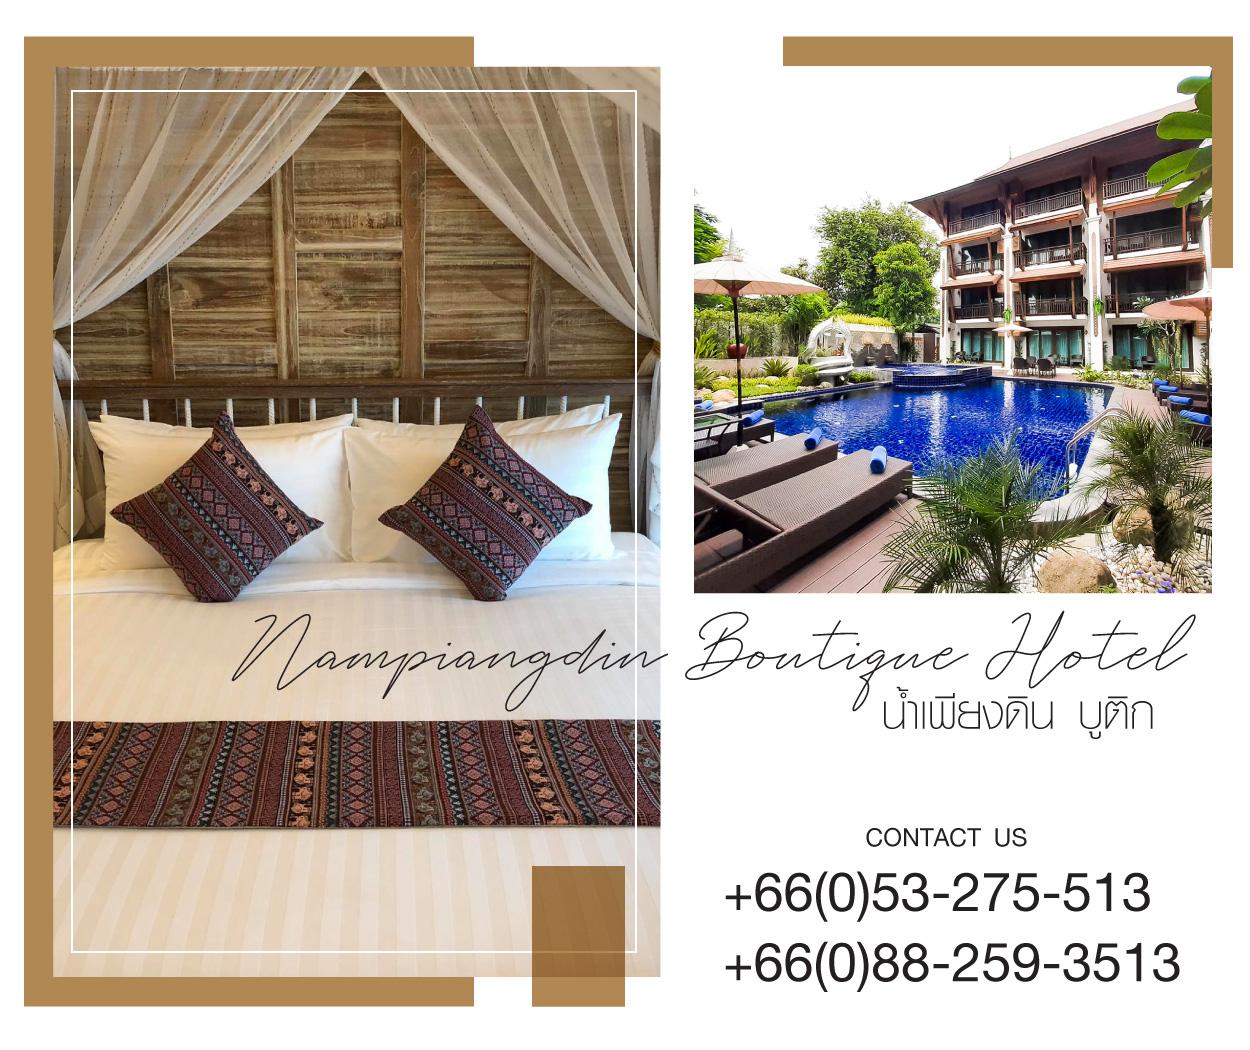 Nampiangdin Boutique Hotel Chiangmai